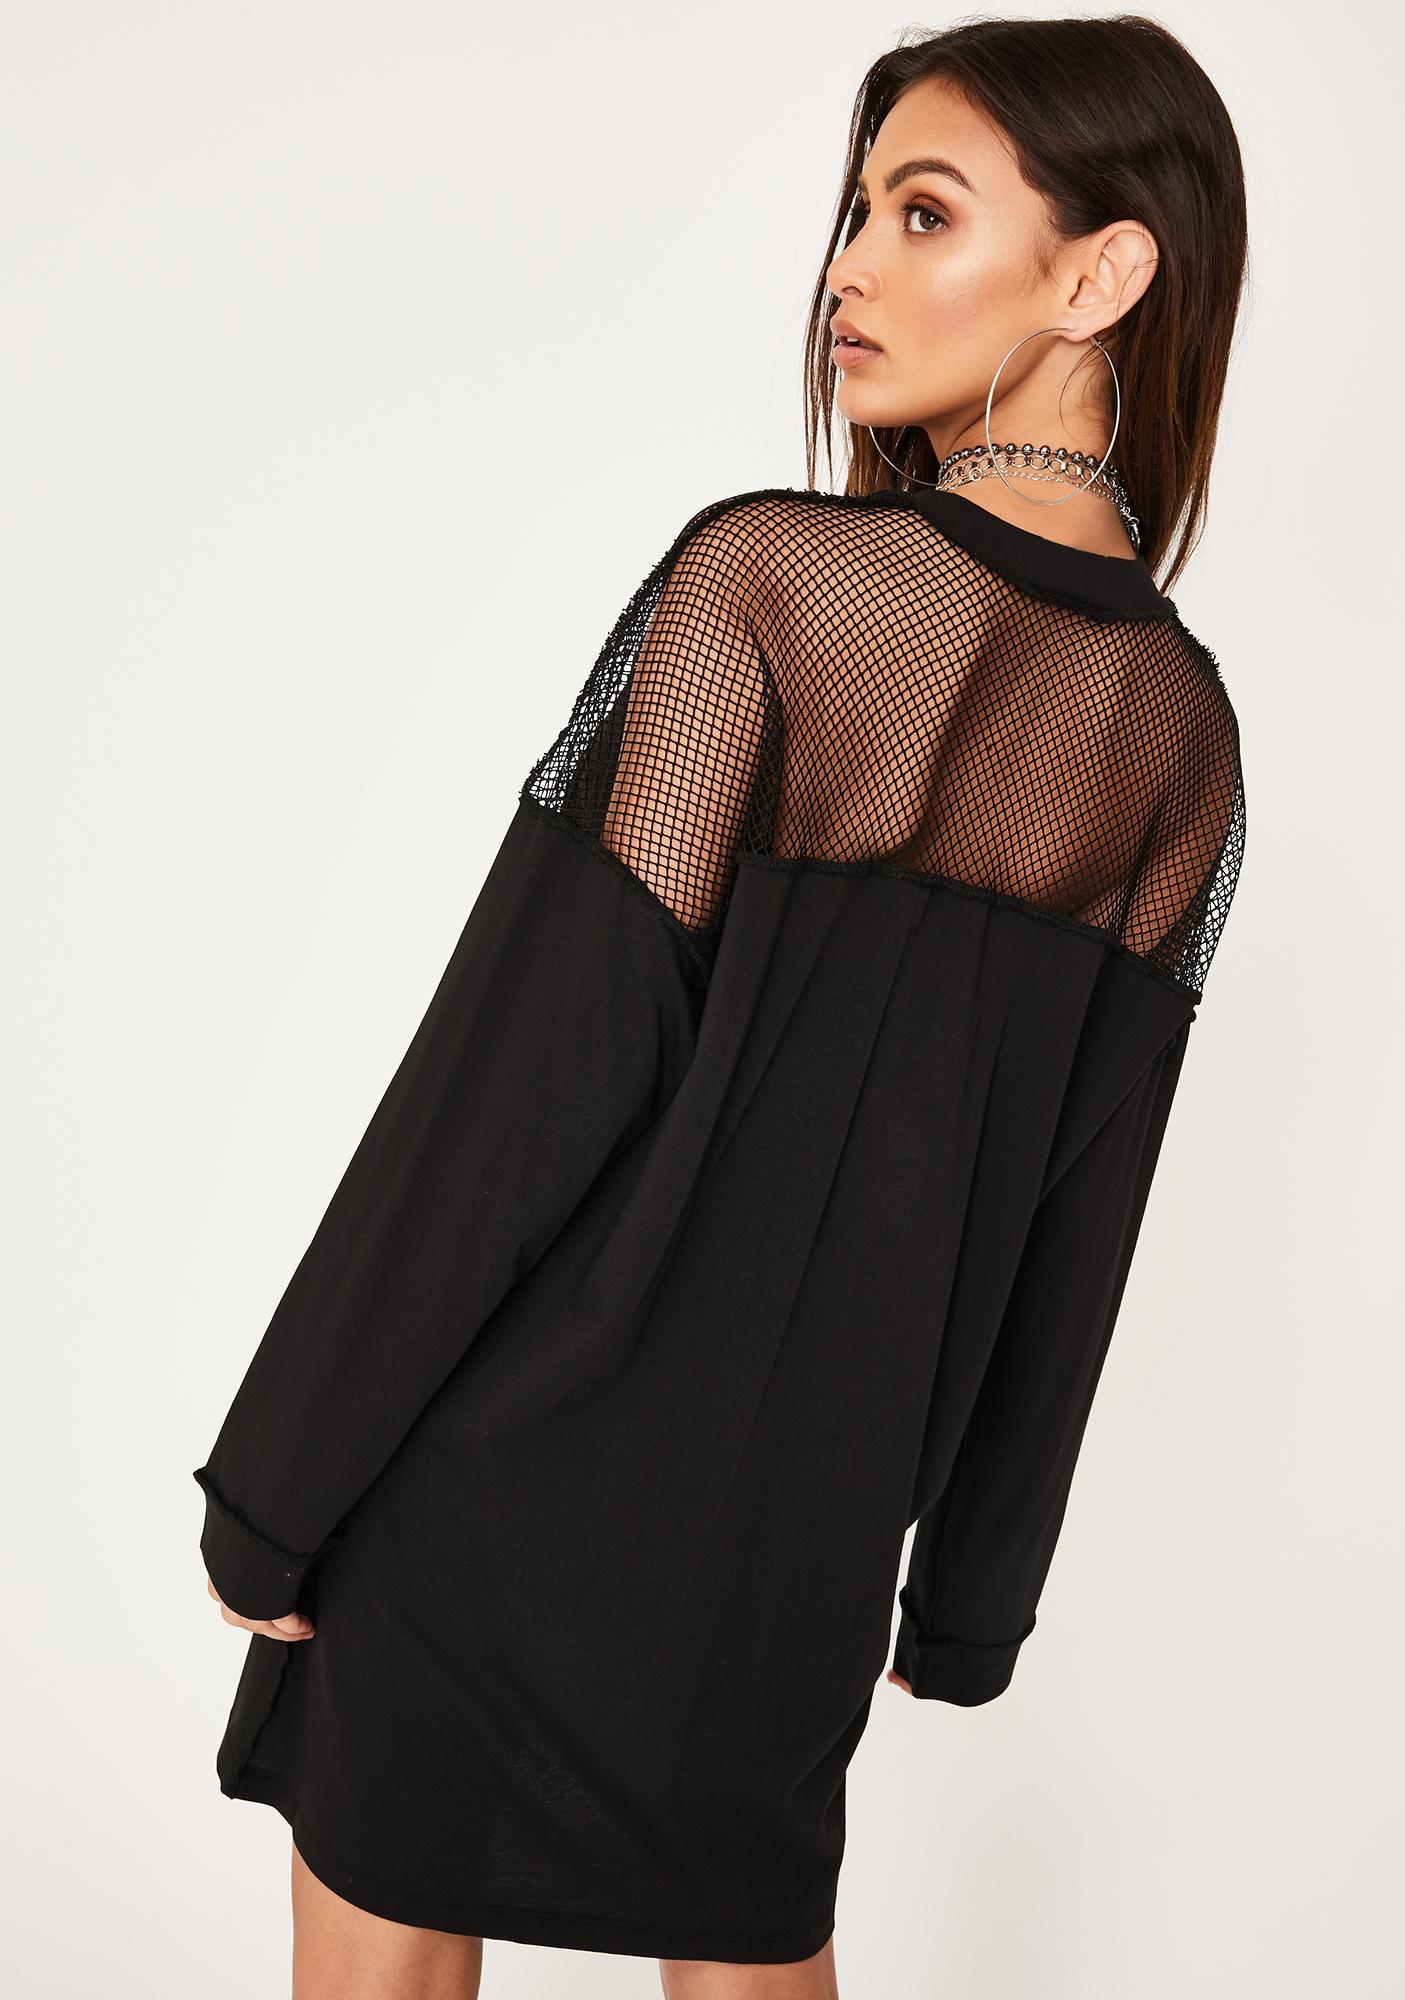 The Ragged Priest Kink Fishnet Dress